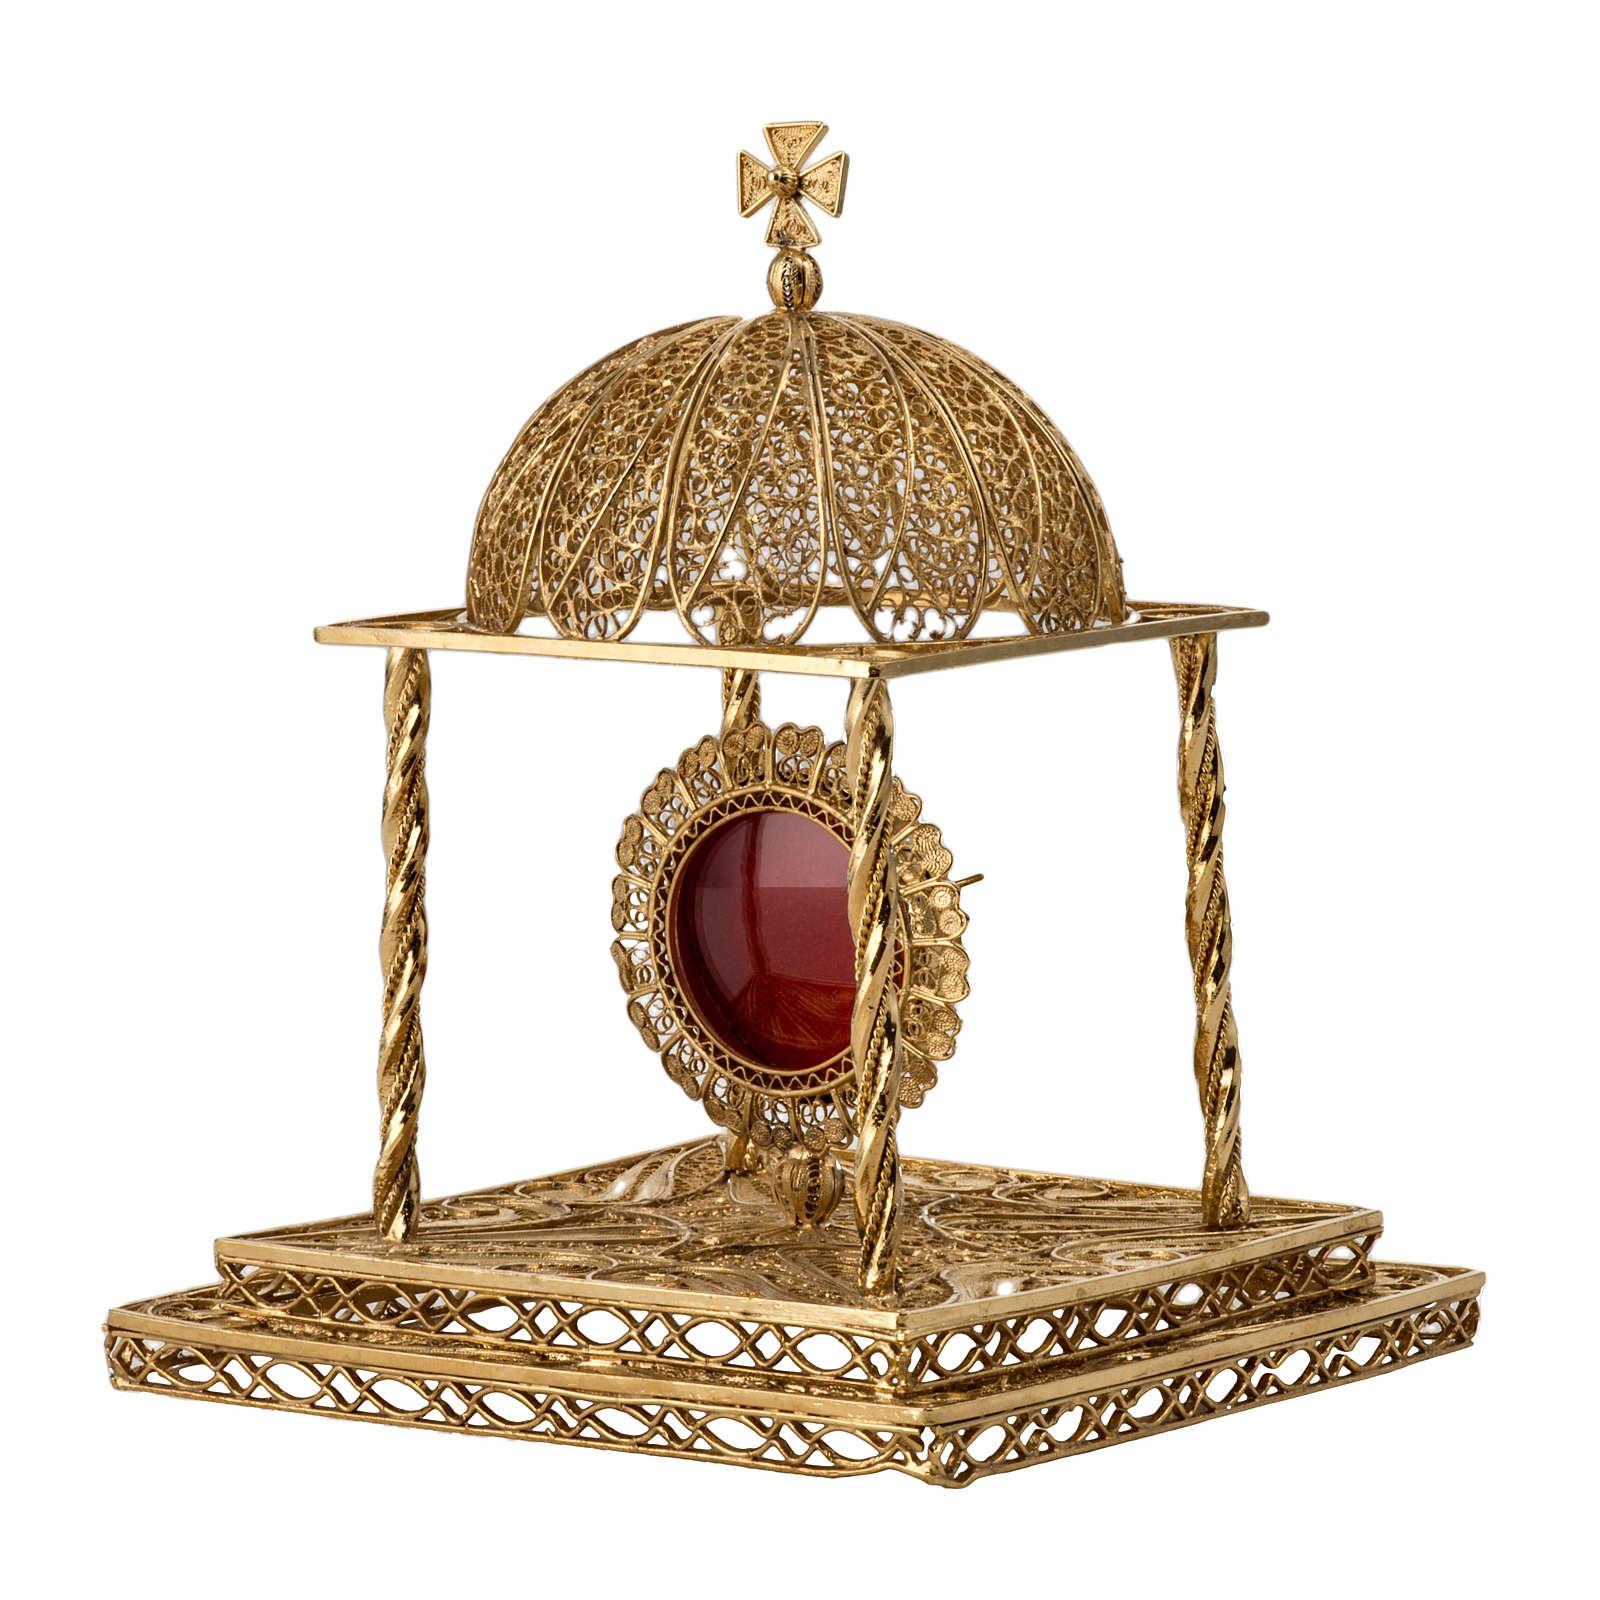 Reliquiario filigrana argento 800 dorato con base 4